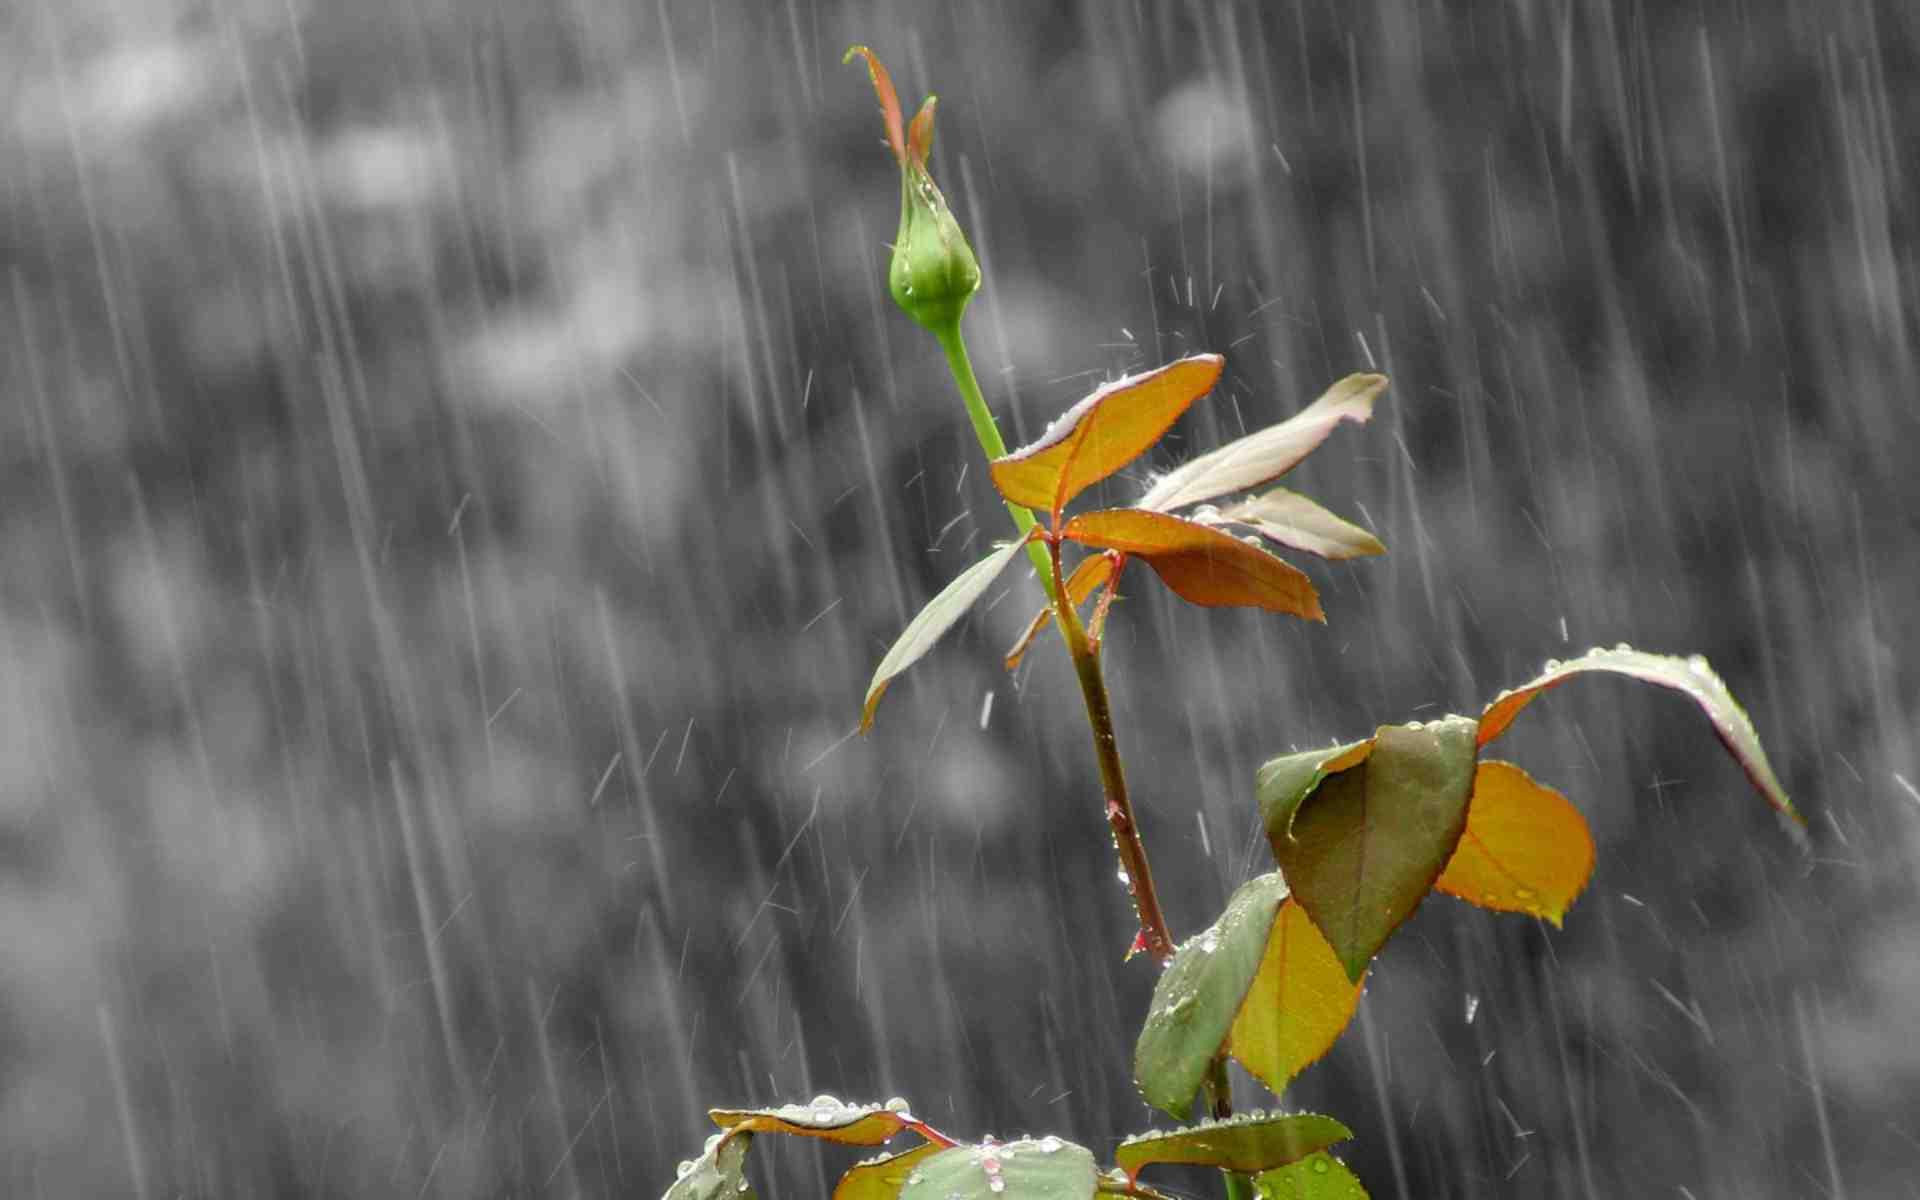 Hình ảnh đẹp và ý nghĩa về nụ hoa lẻ loi trong làn mưa mau (1920 × 1200 pixel)